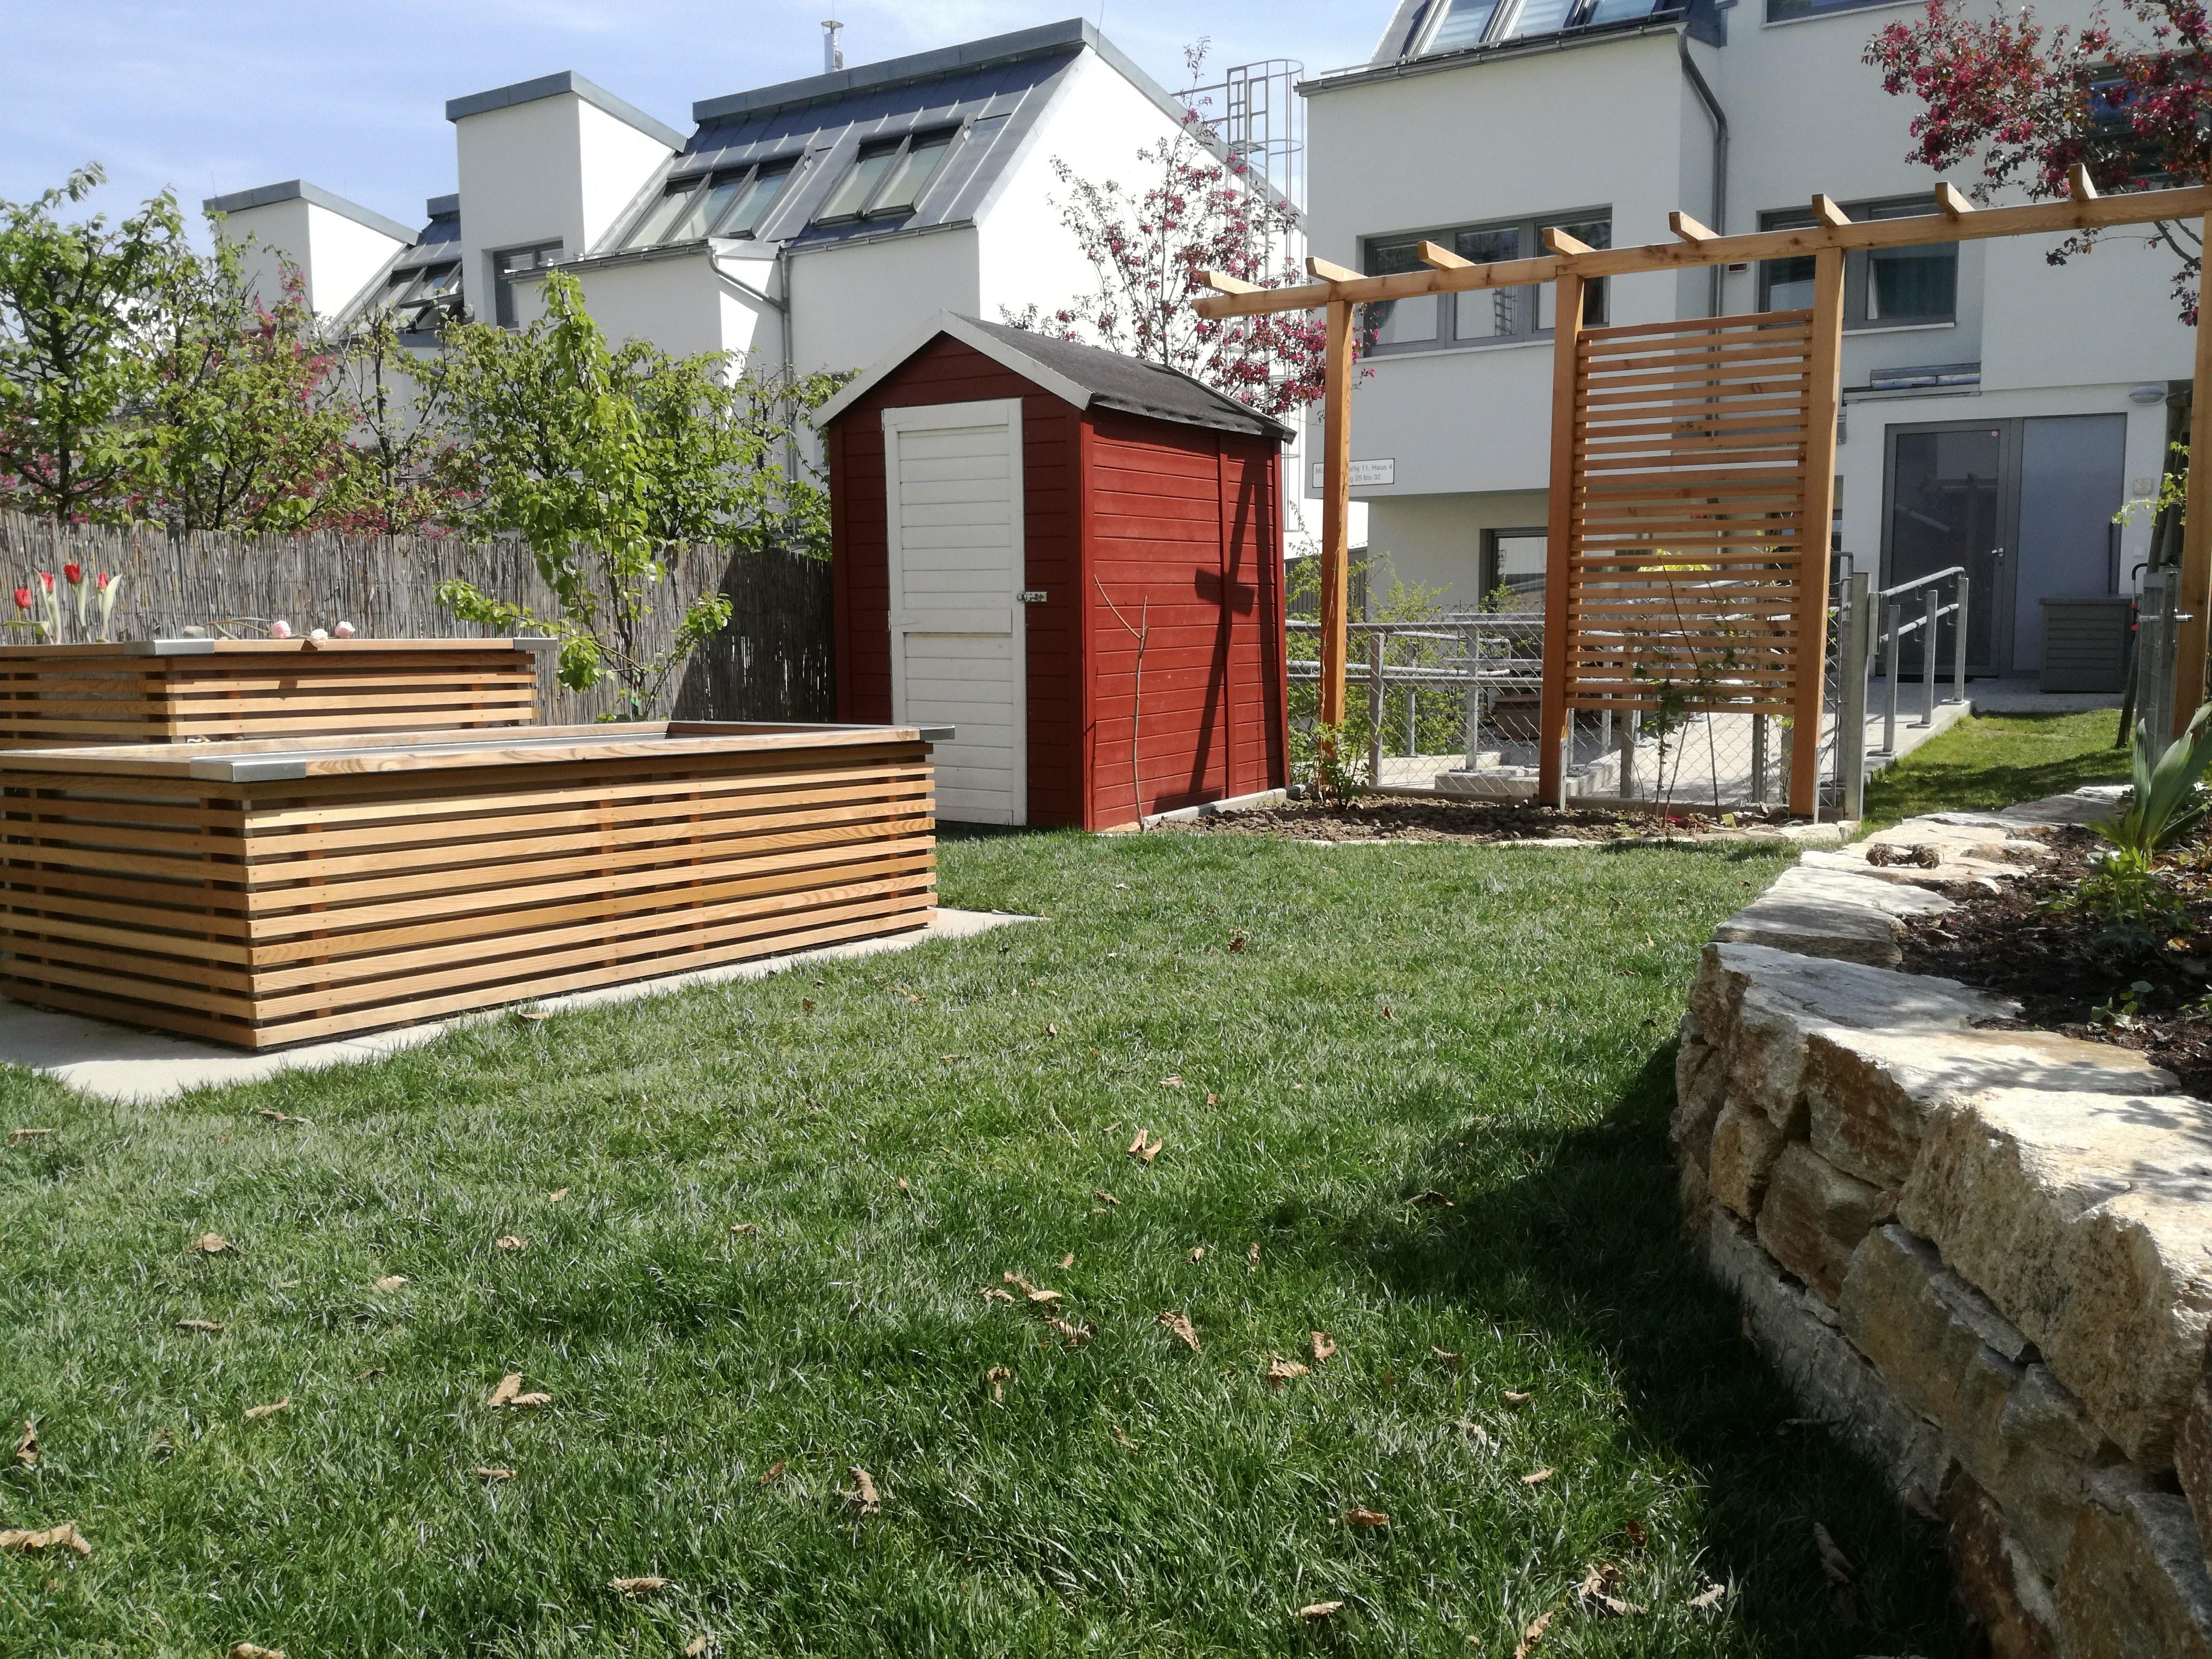 Stadtgarten: Auch auf kleinen Grundstücken lässt sich –bei guter Planung – viel unterbringen.